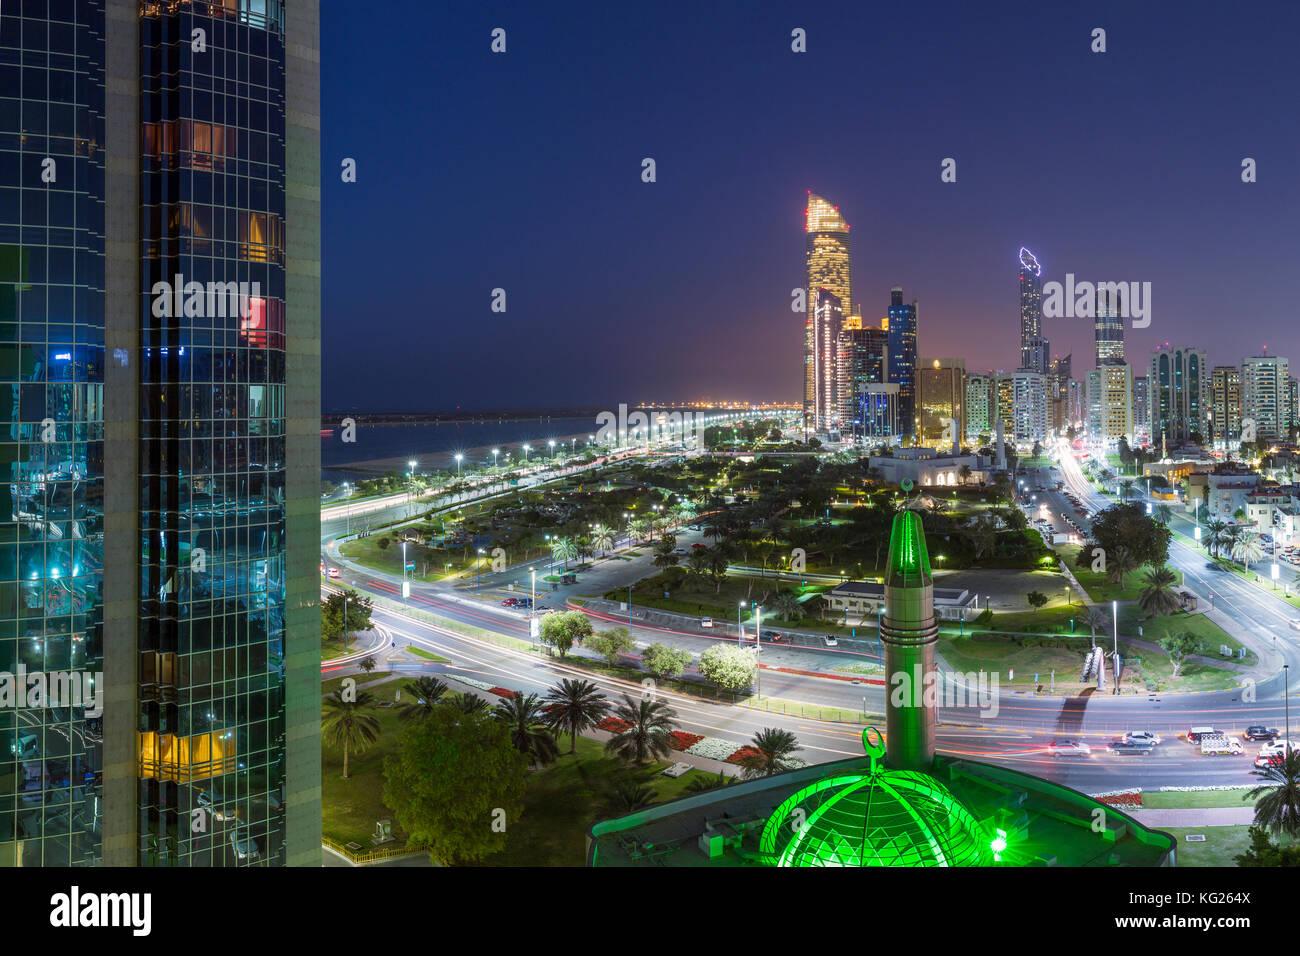 Modern city skyline, Abu Dhabi, United Arab Emirates, Middle East - Stock Image